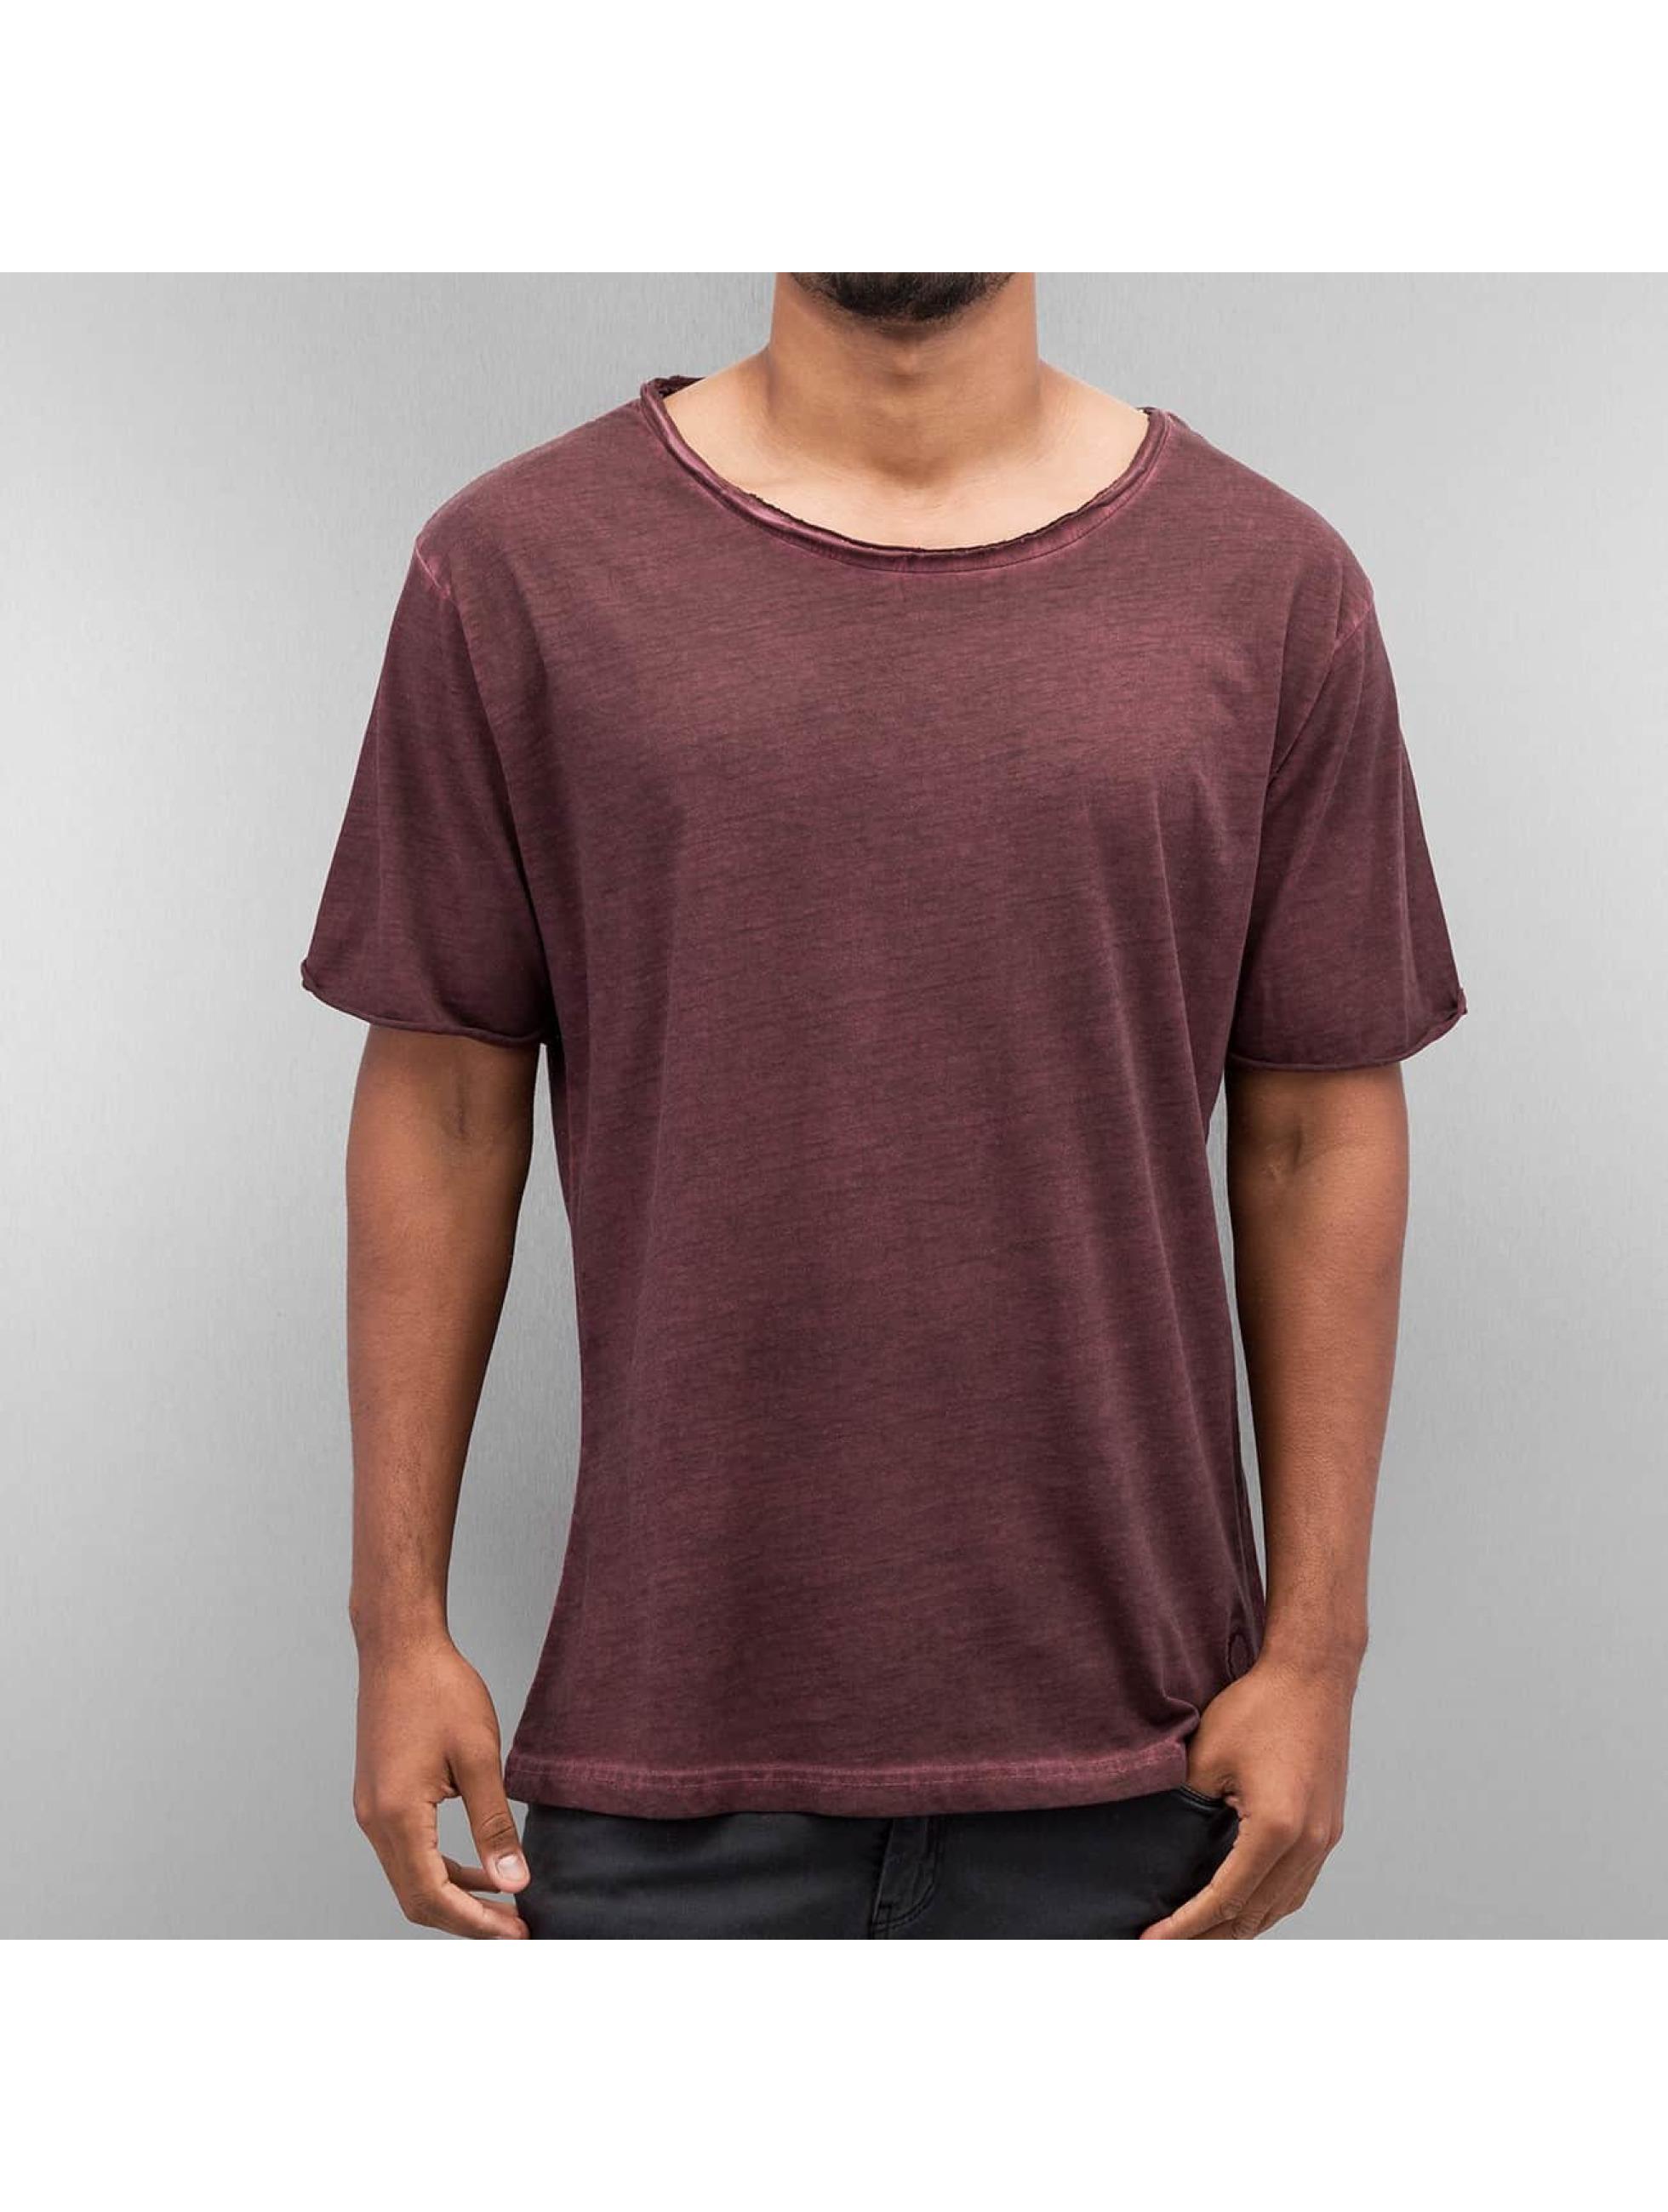 Yezz T-Shirt Dyed rouge